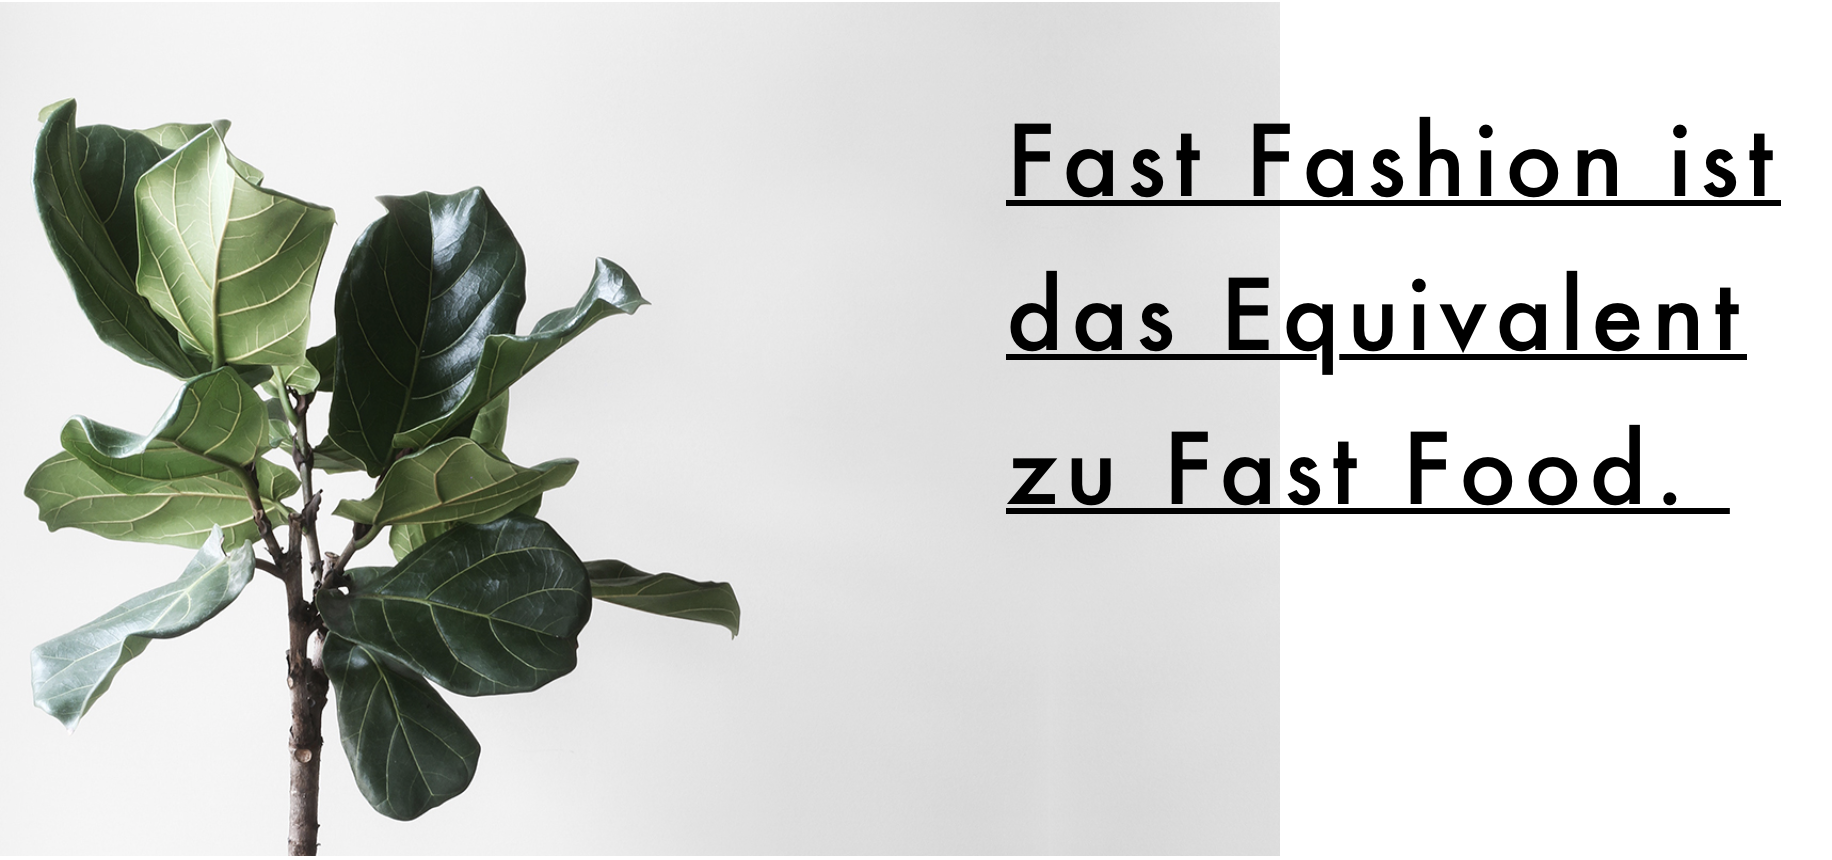 bye bye Fast Fashion